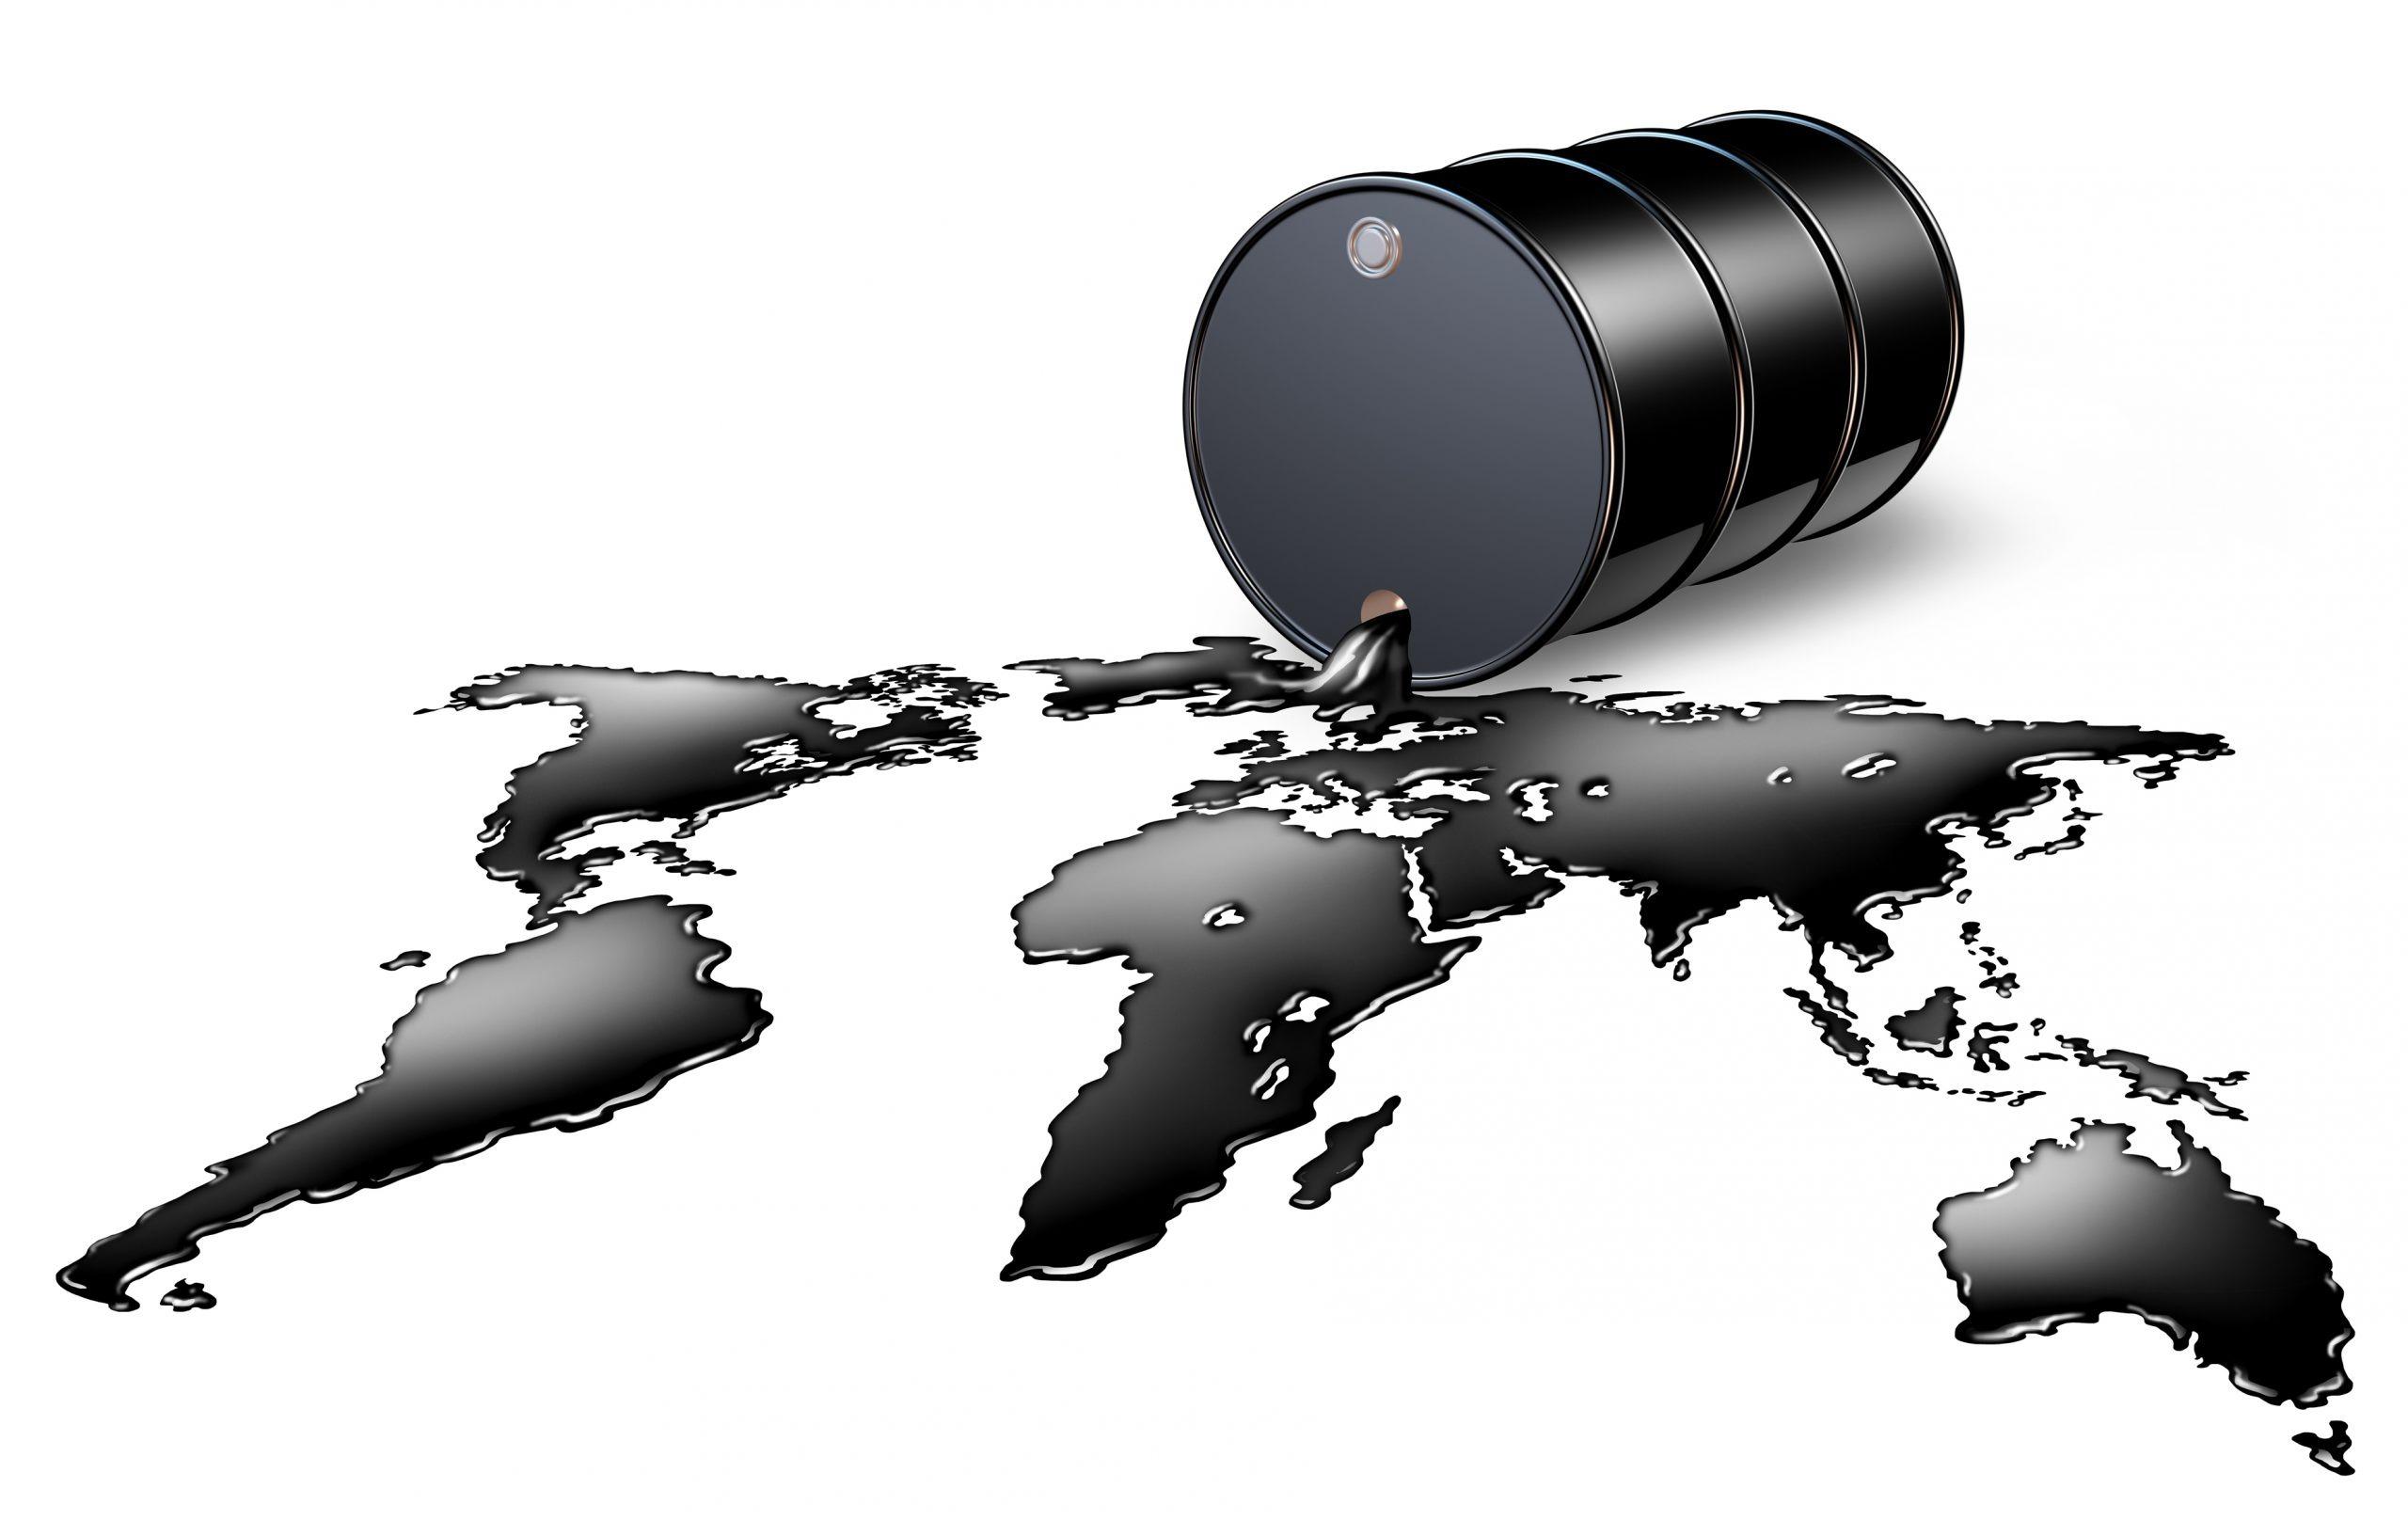 قیمت نفت ۲ درصد جهش کرد / برنت به بالای ۴۰ دلار برگشت